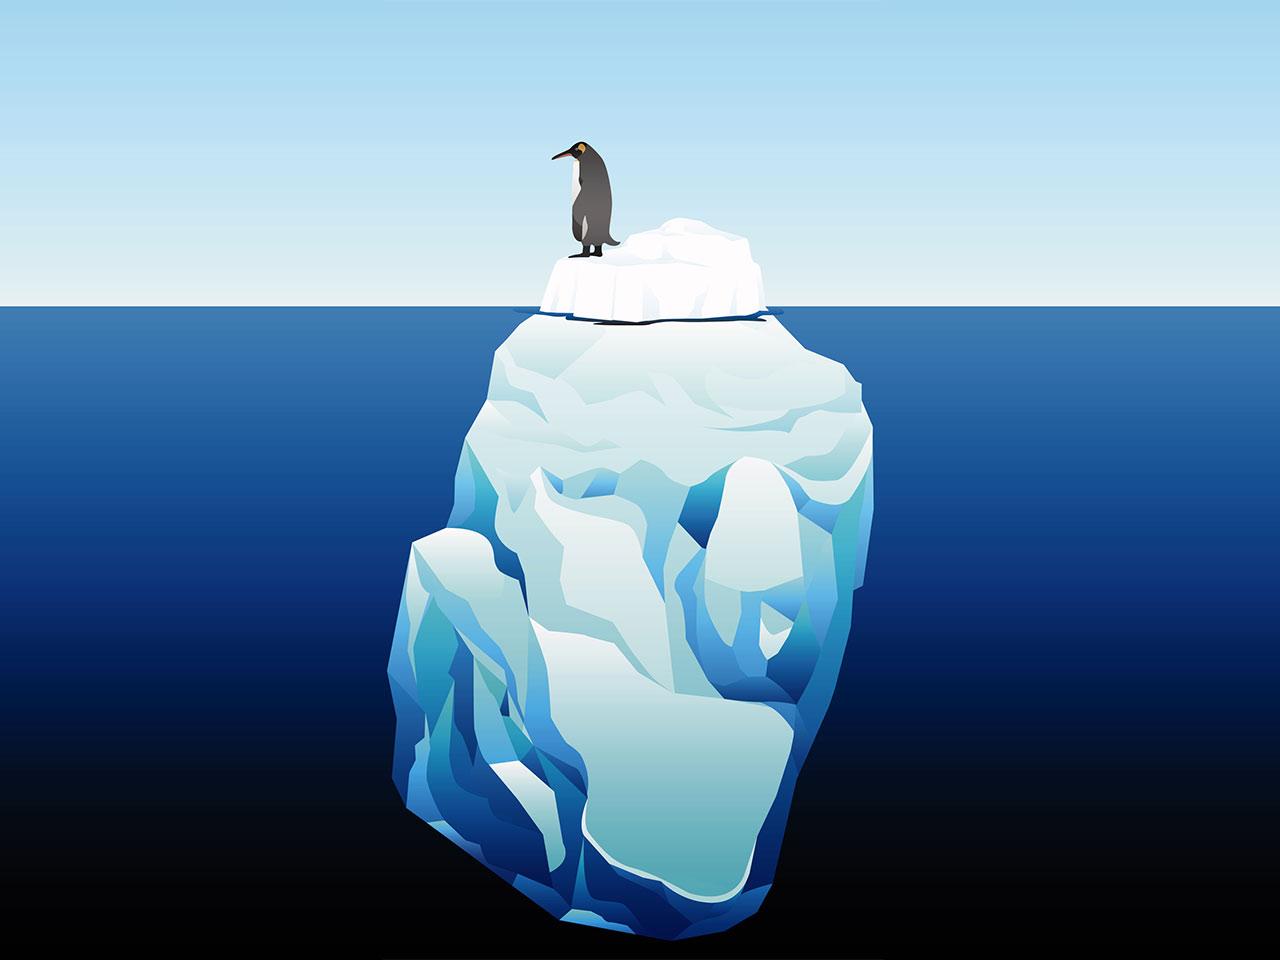 地球規模のダイナミックな意識改革の時代へ